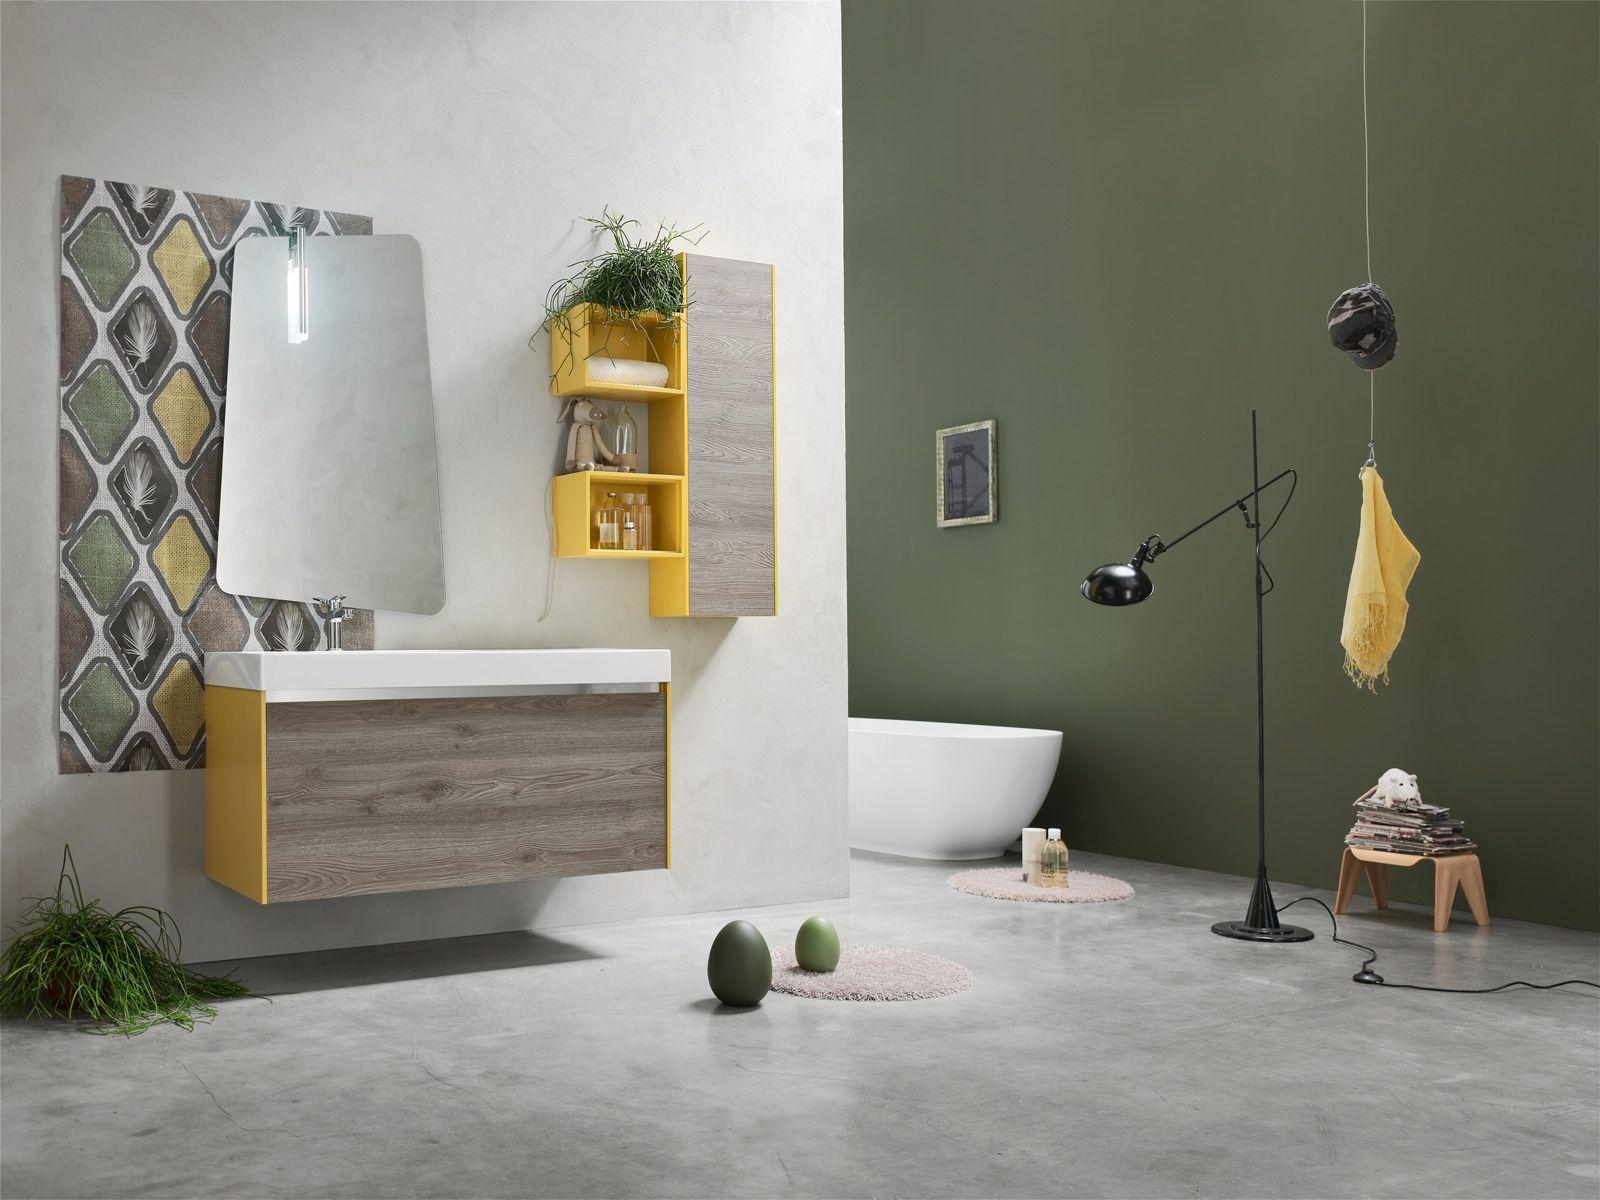 Arcom arreda il bagno con i colori della nuova linea AK laccato